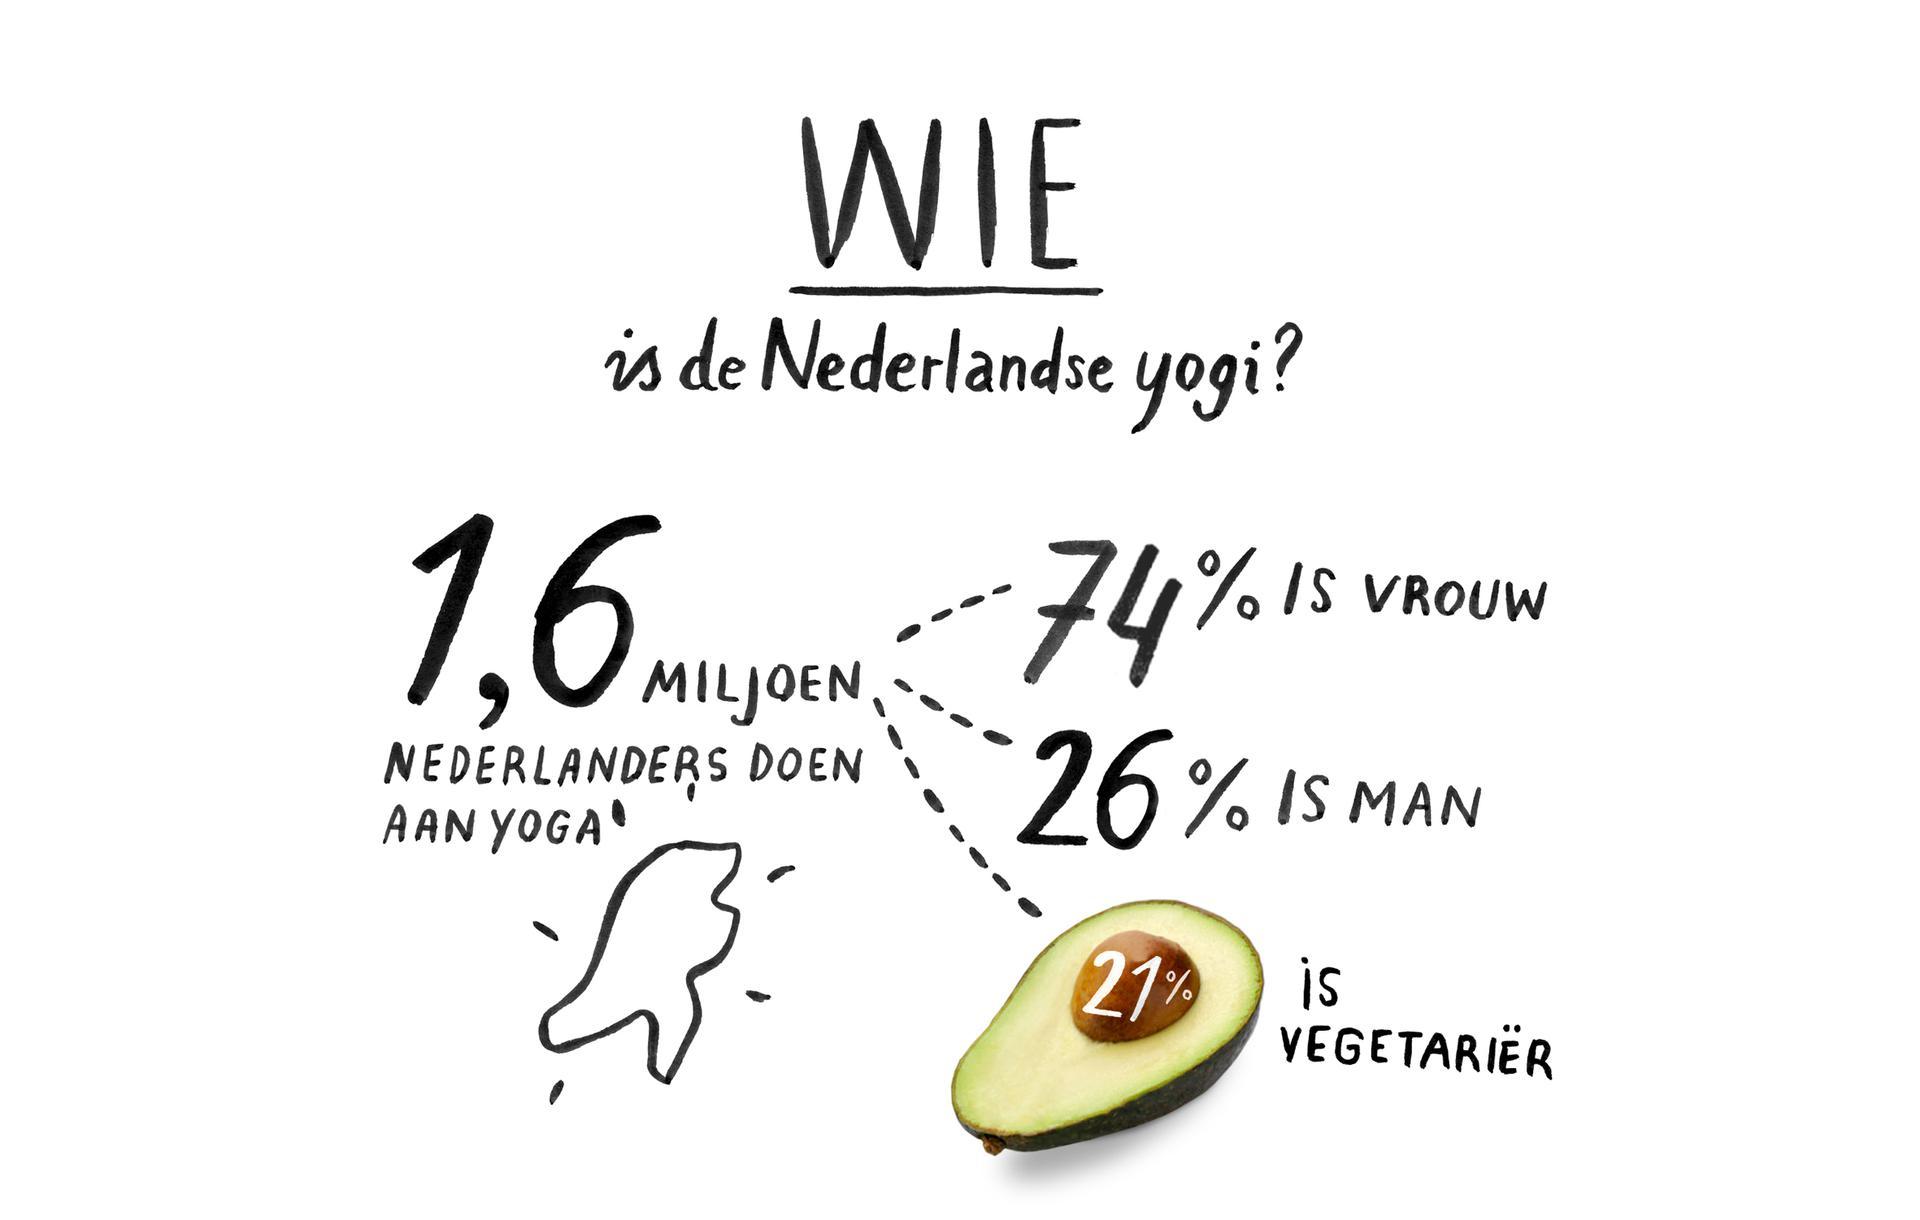 Wie is de Nederlandse yogi? 1,6 miljoen Nederlanders doen aan yoga 74% is vrouw 26% is man